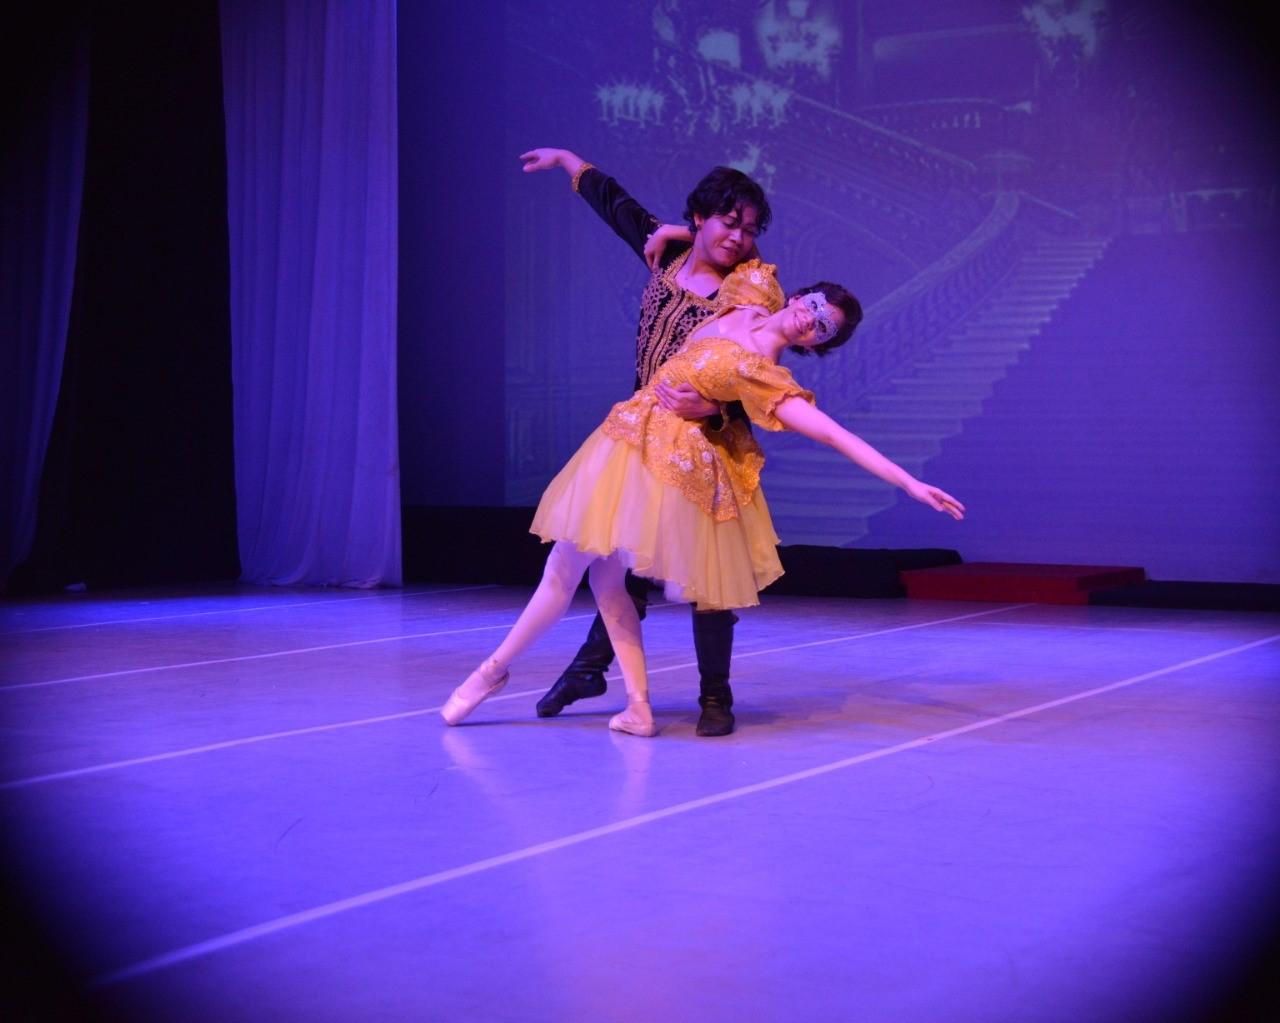 Espetáculo de balé Cinderela retorna ao Theatro Fernanda Montenegro nos dias 30 e 31 de maio e 1° de junho